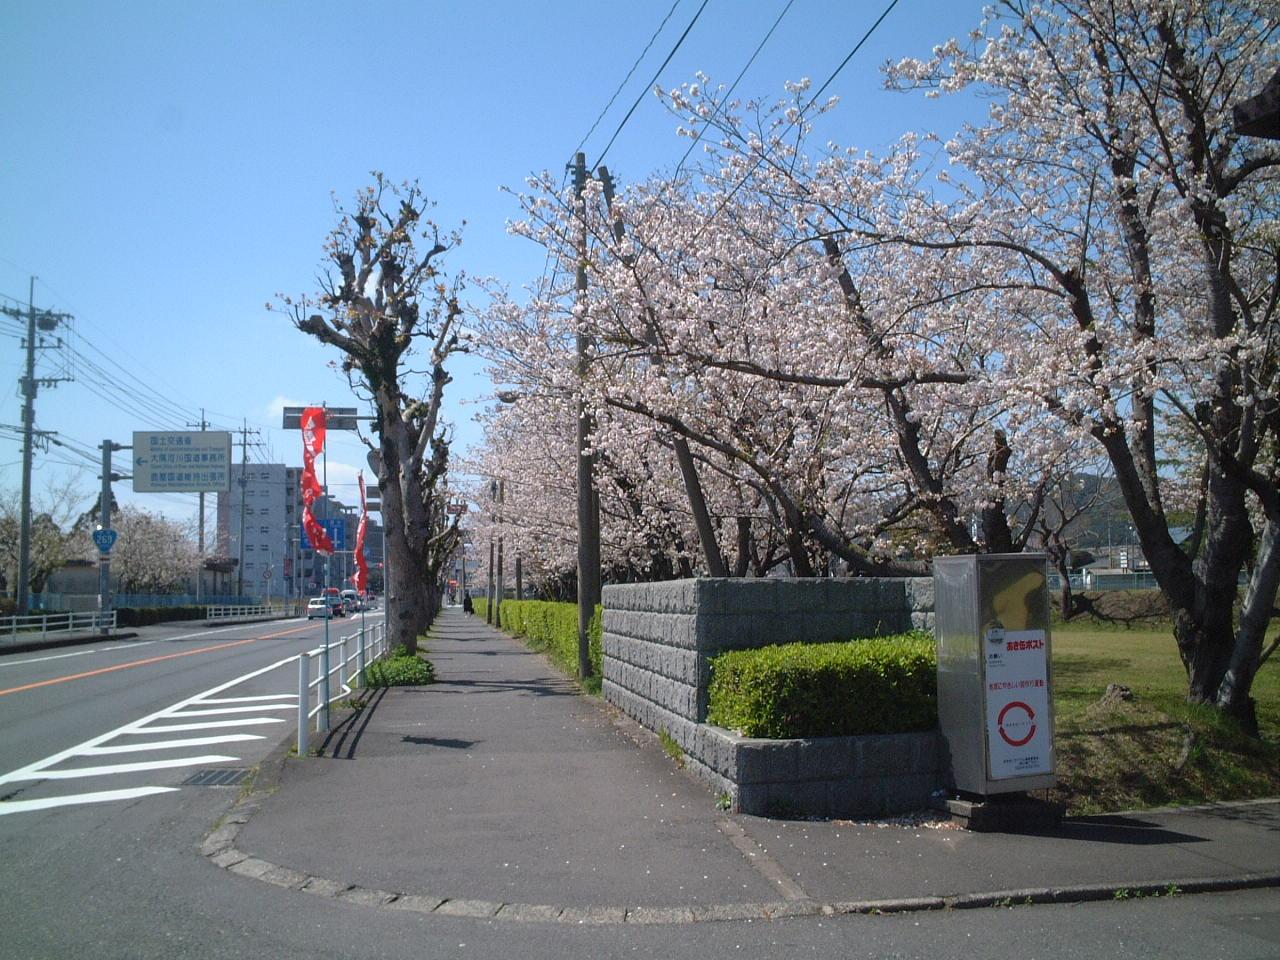 ソフトテニス・中年おじさんのブログ:鹿屋市運動公園前の桜 ...